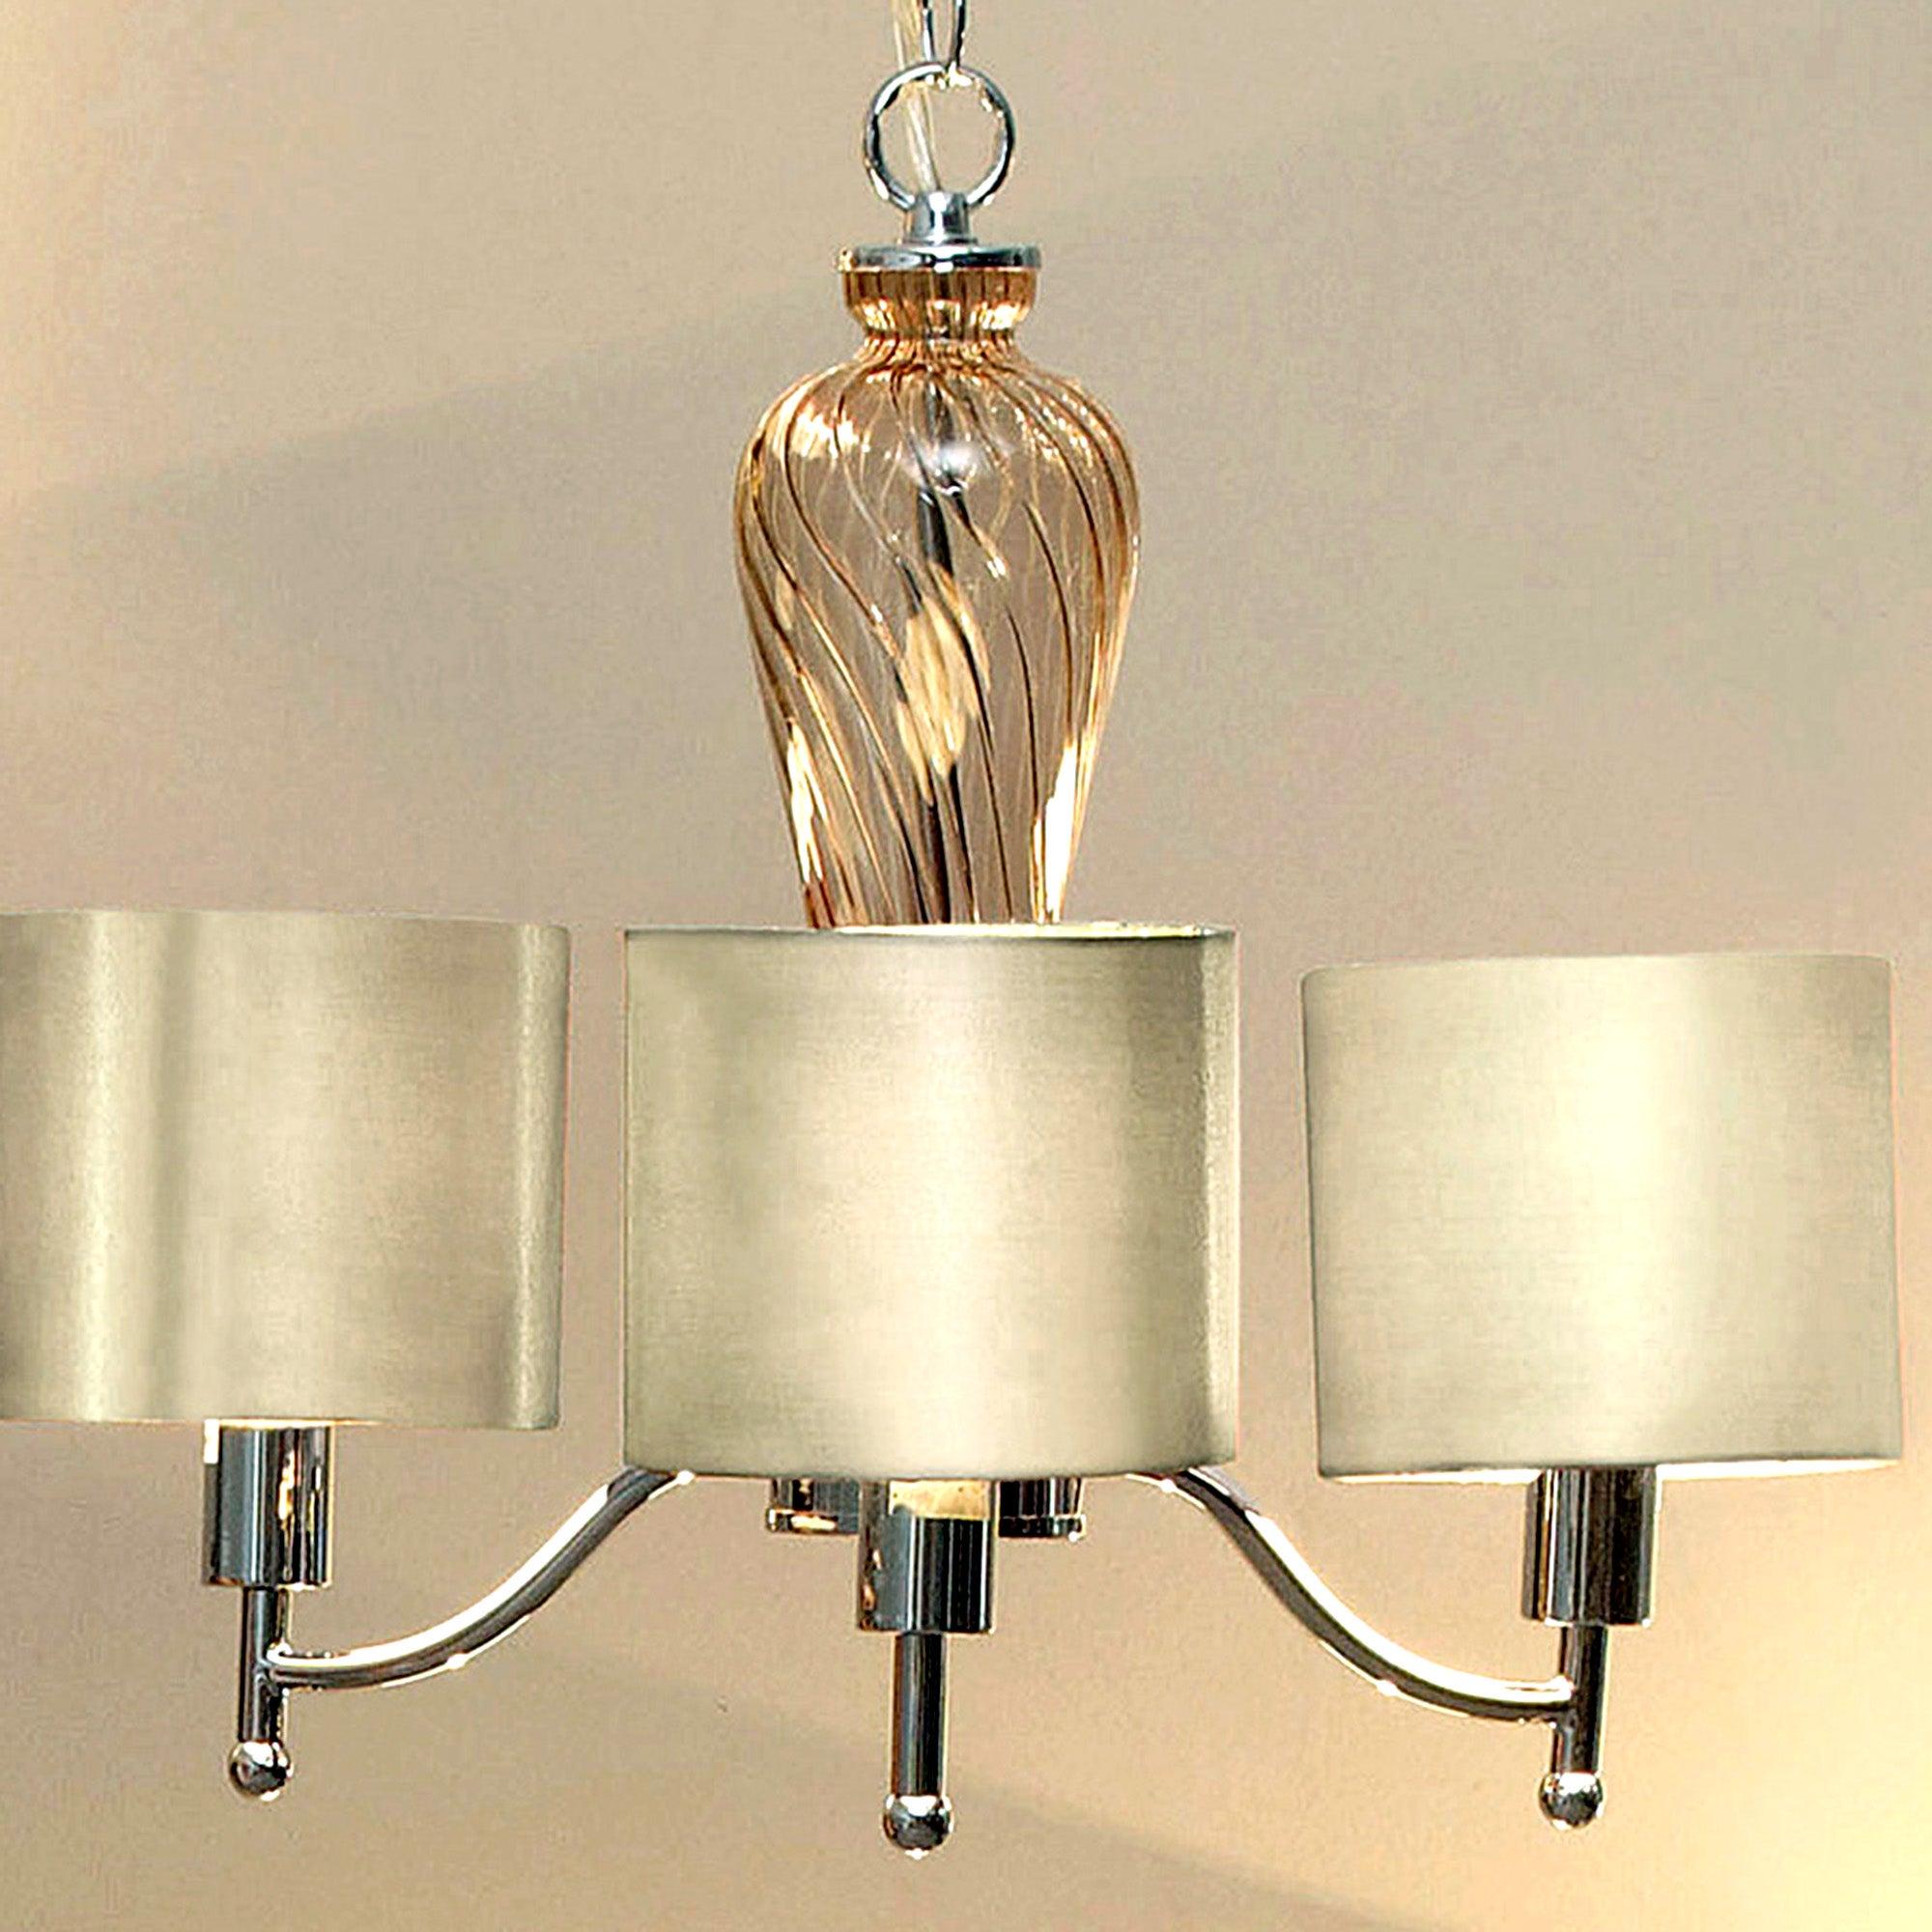 hotel glass 3 light fitting dunelm. Black Bedroom Furniture Sets. Home Design Ideas